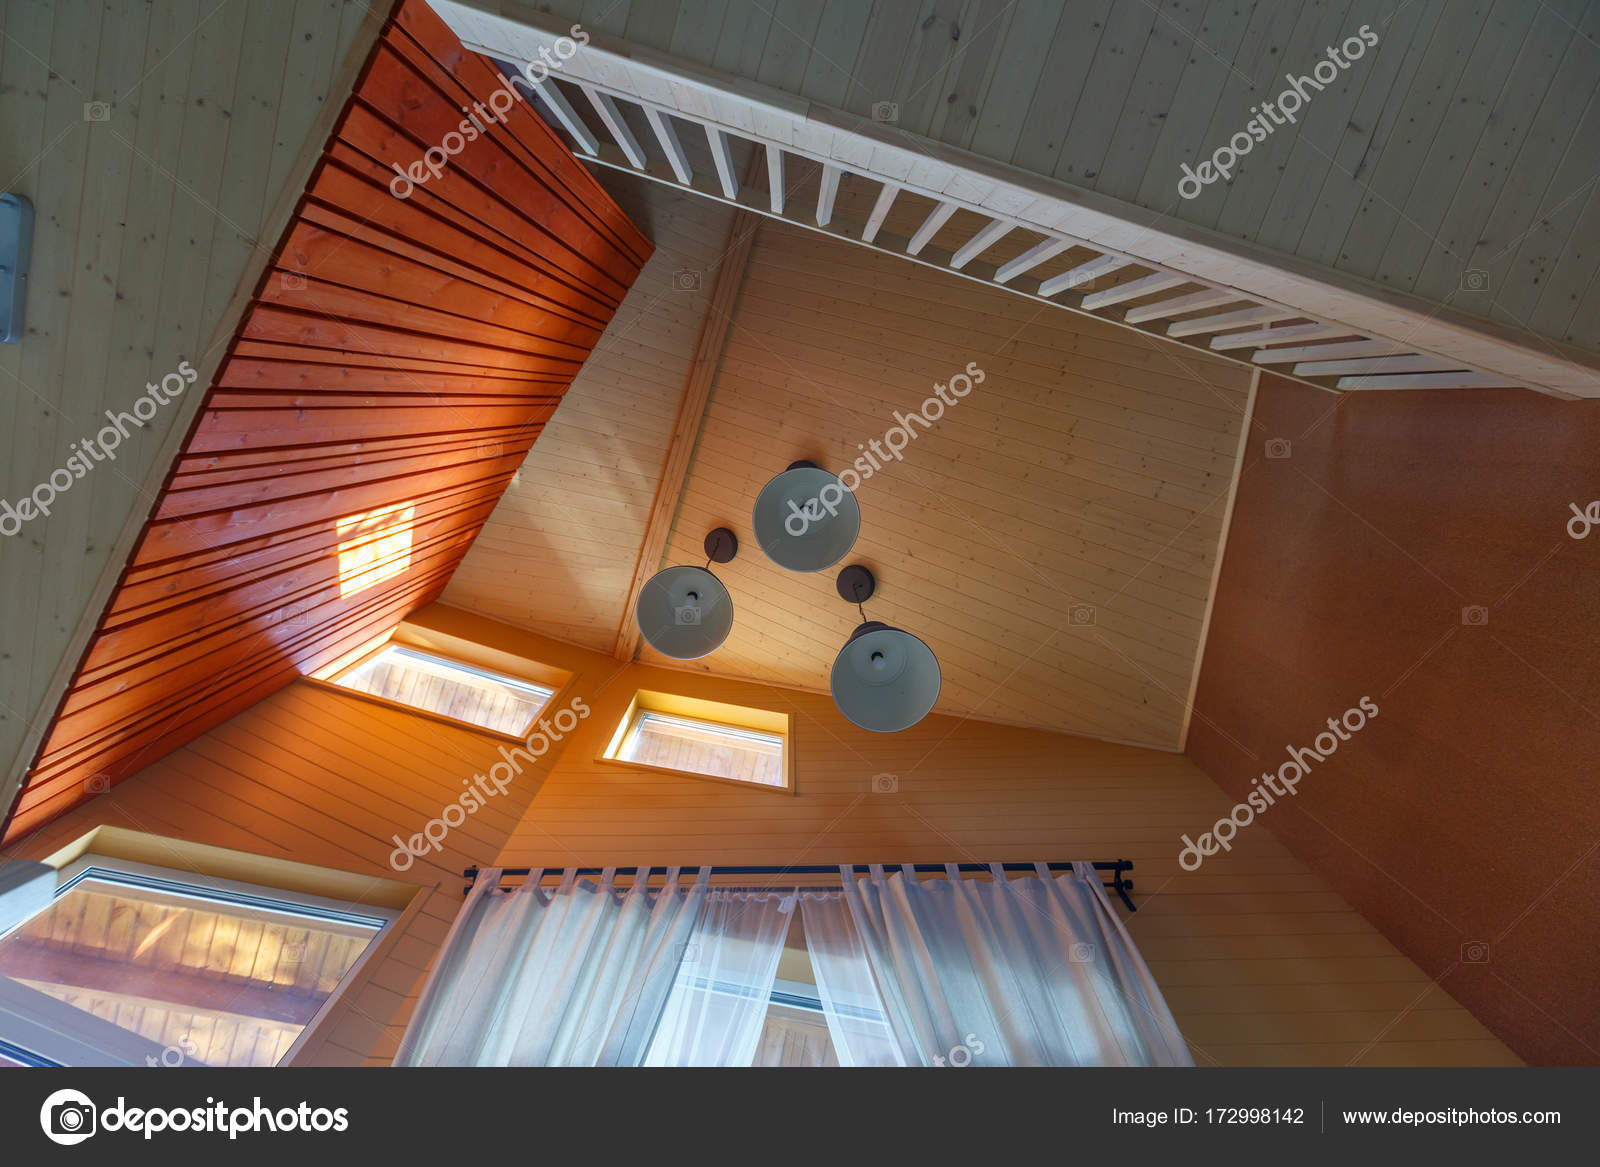 Minimalistische interieur in houten huisje met drie plafondlamp